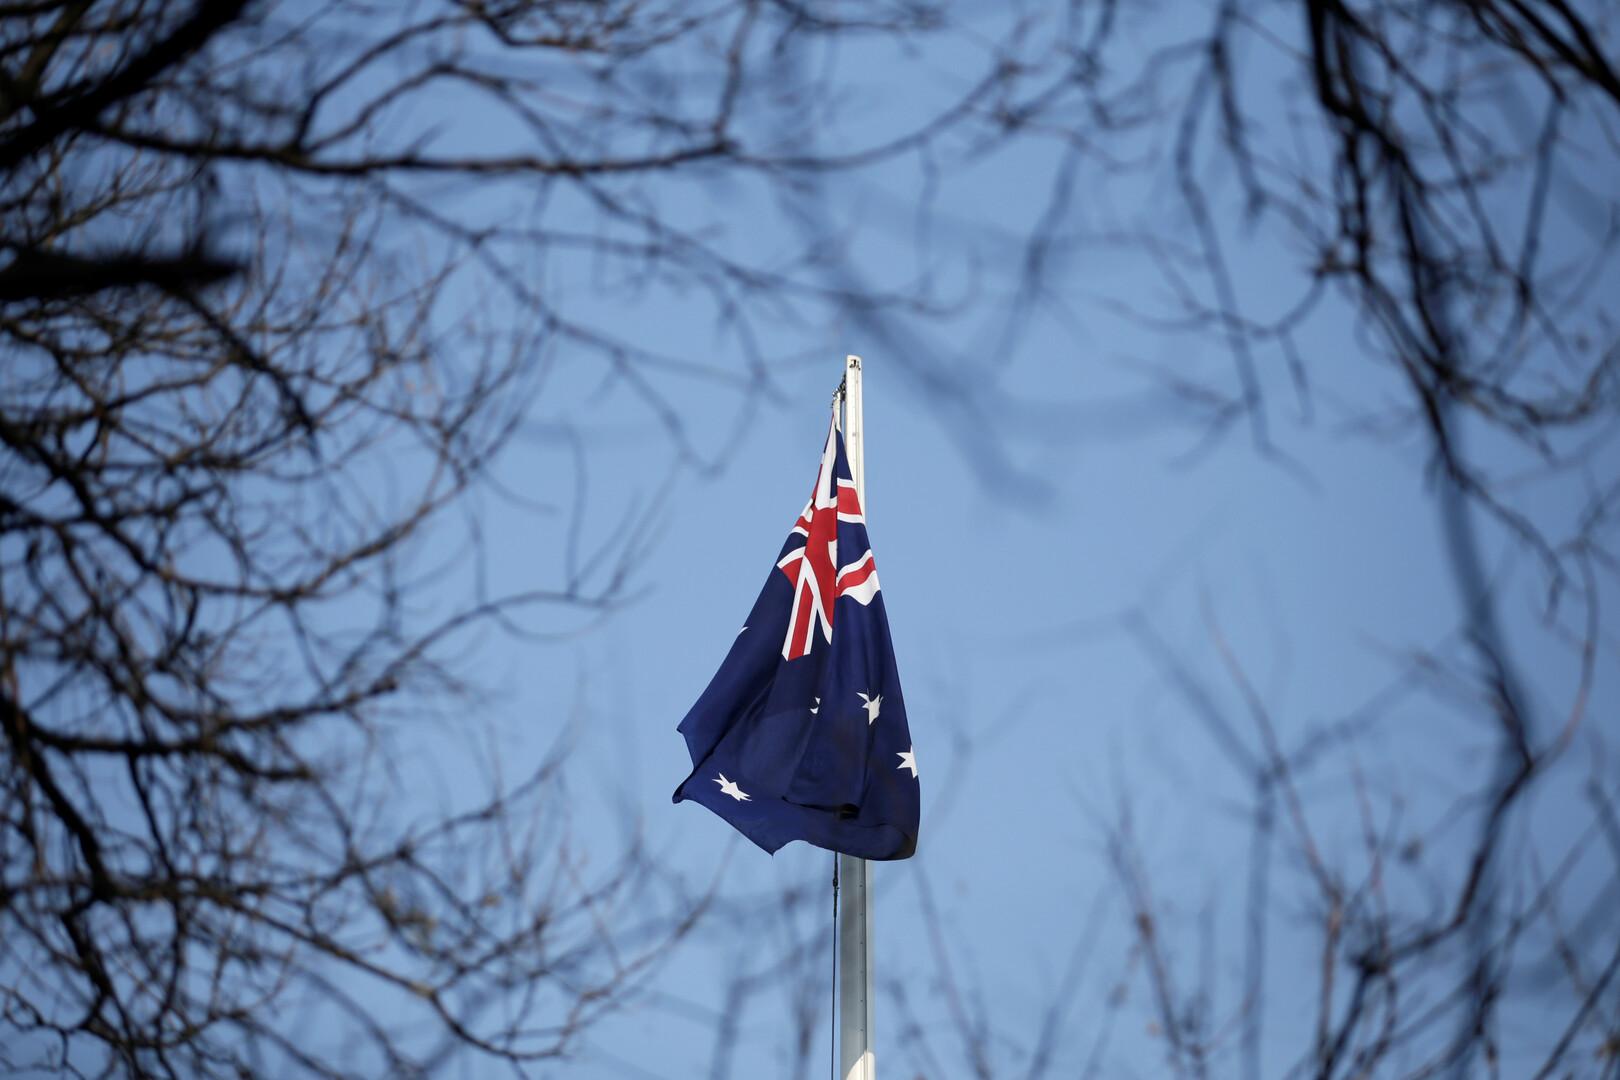 أستراليا تقول إن ثلاثة من رعاياها معتقلون في إيران